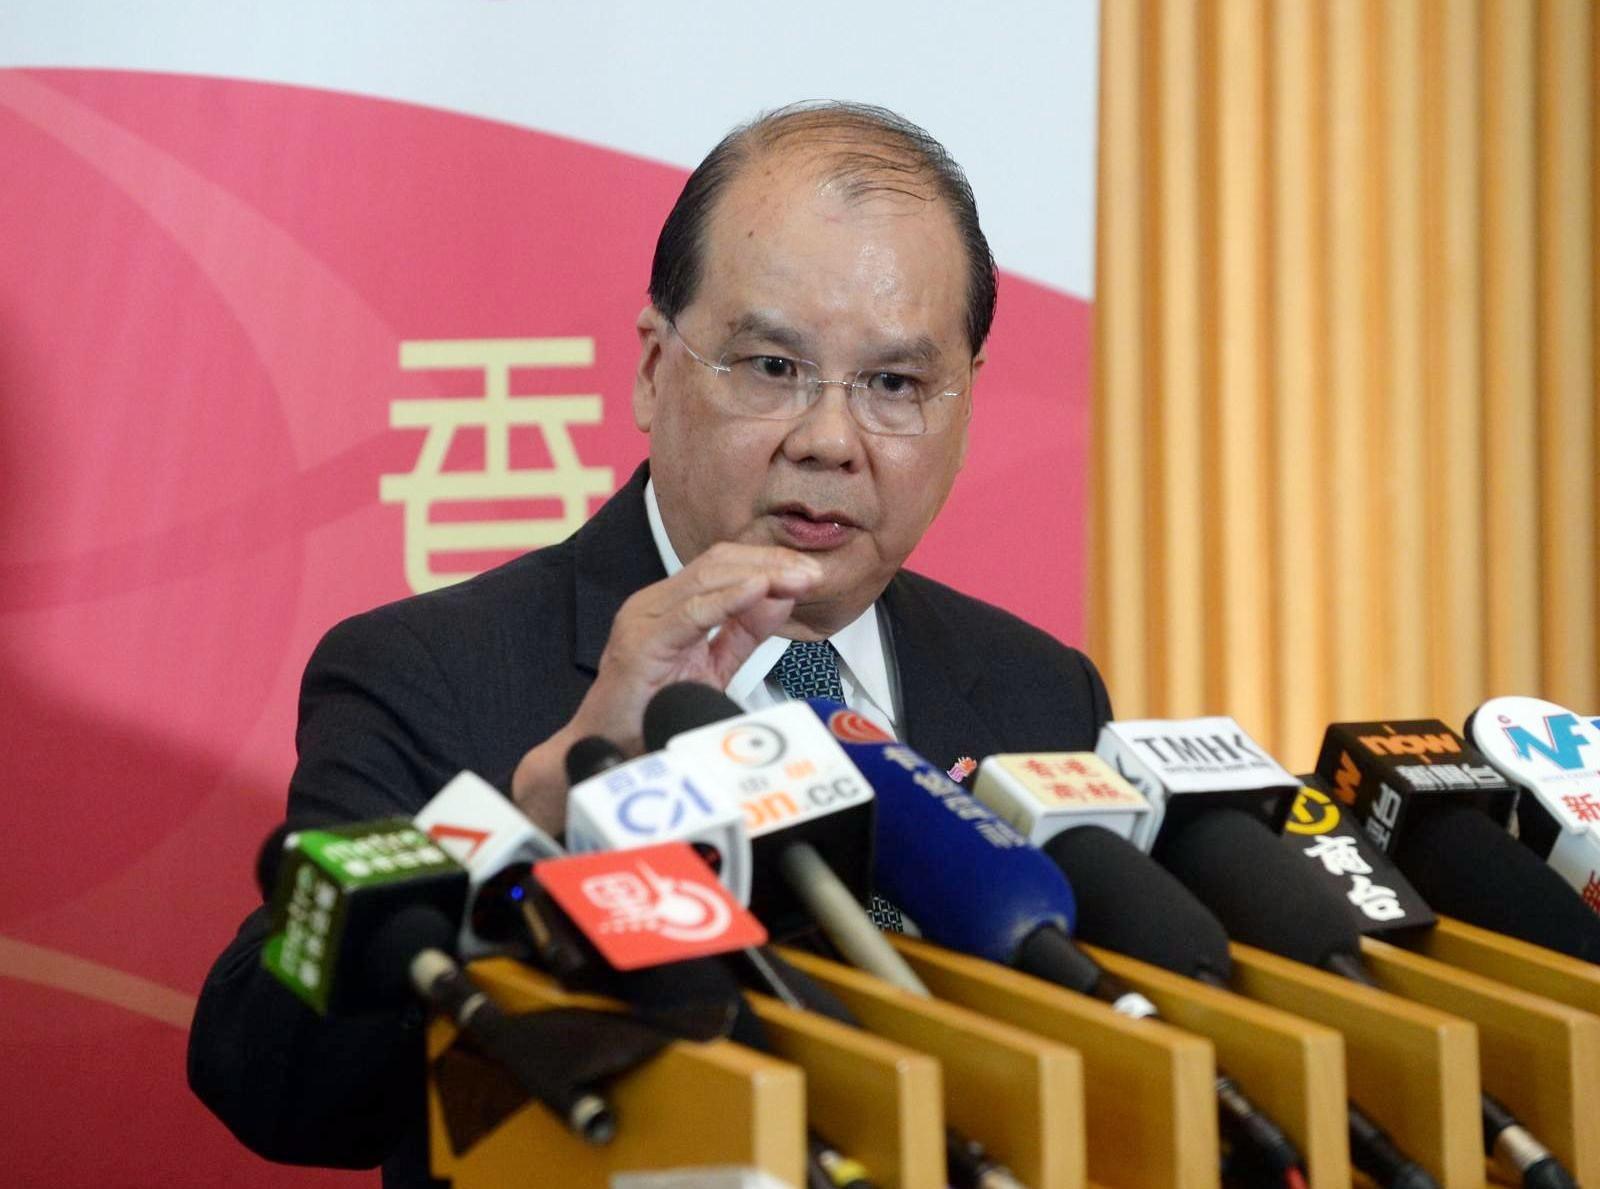 張建宗指,對4次會議仍未能選出主席一事感到遺憾及失望。